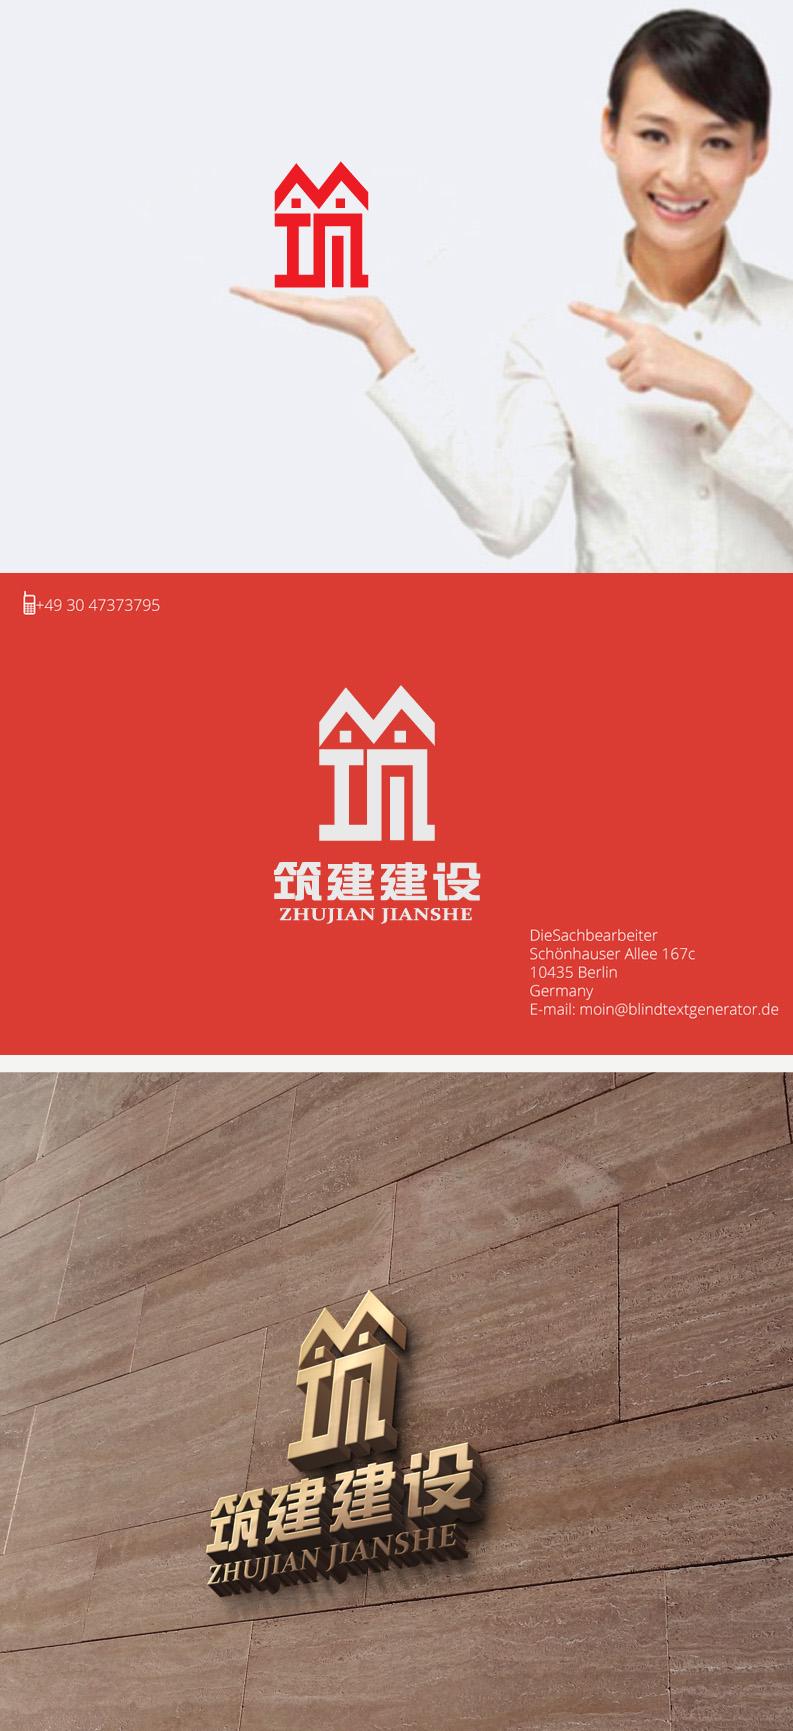 梅州筑建建设管理公司Logo、名片_2962352_k68威客网